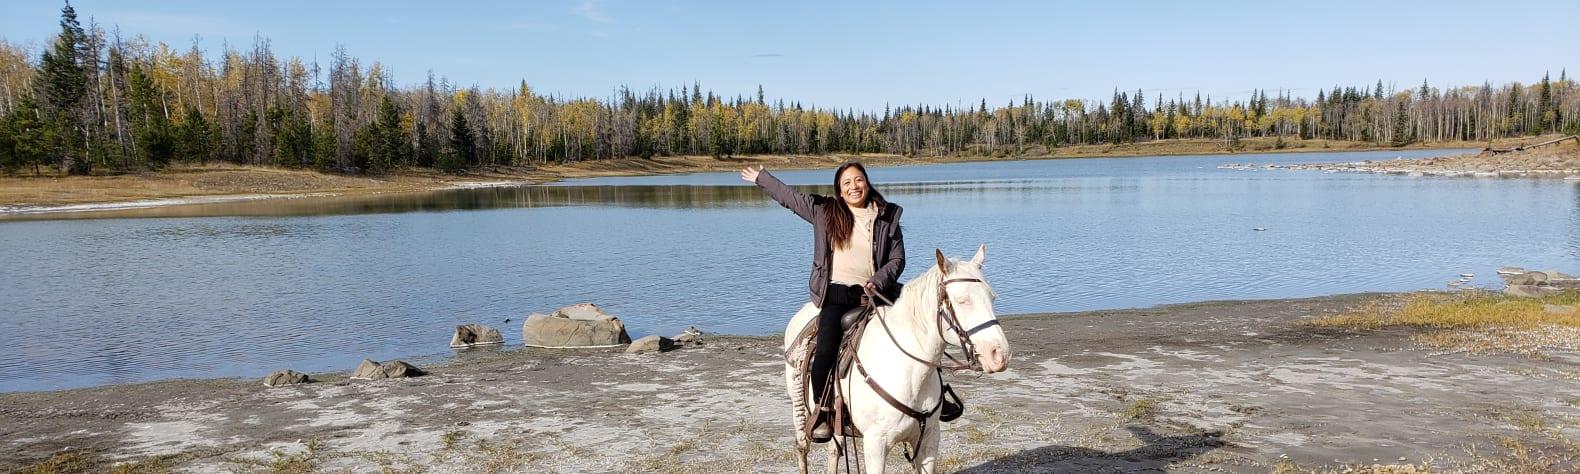 Orren Creek Ranch Resort